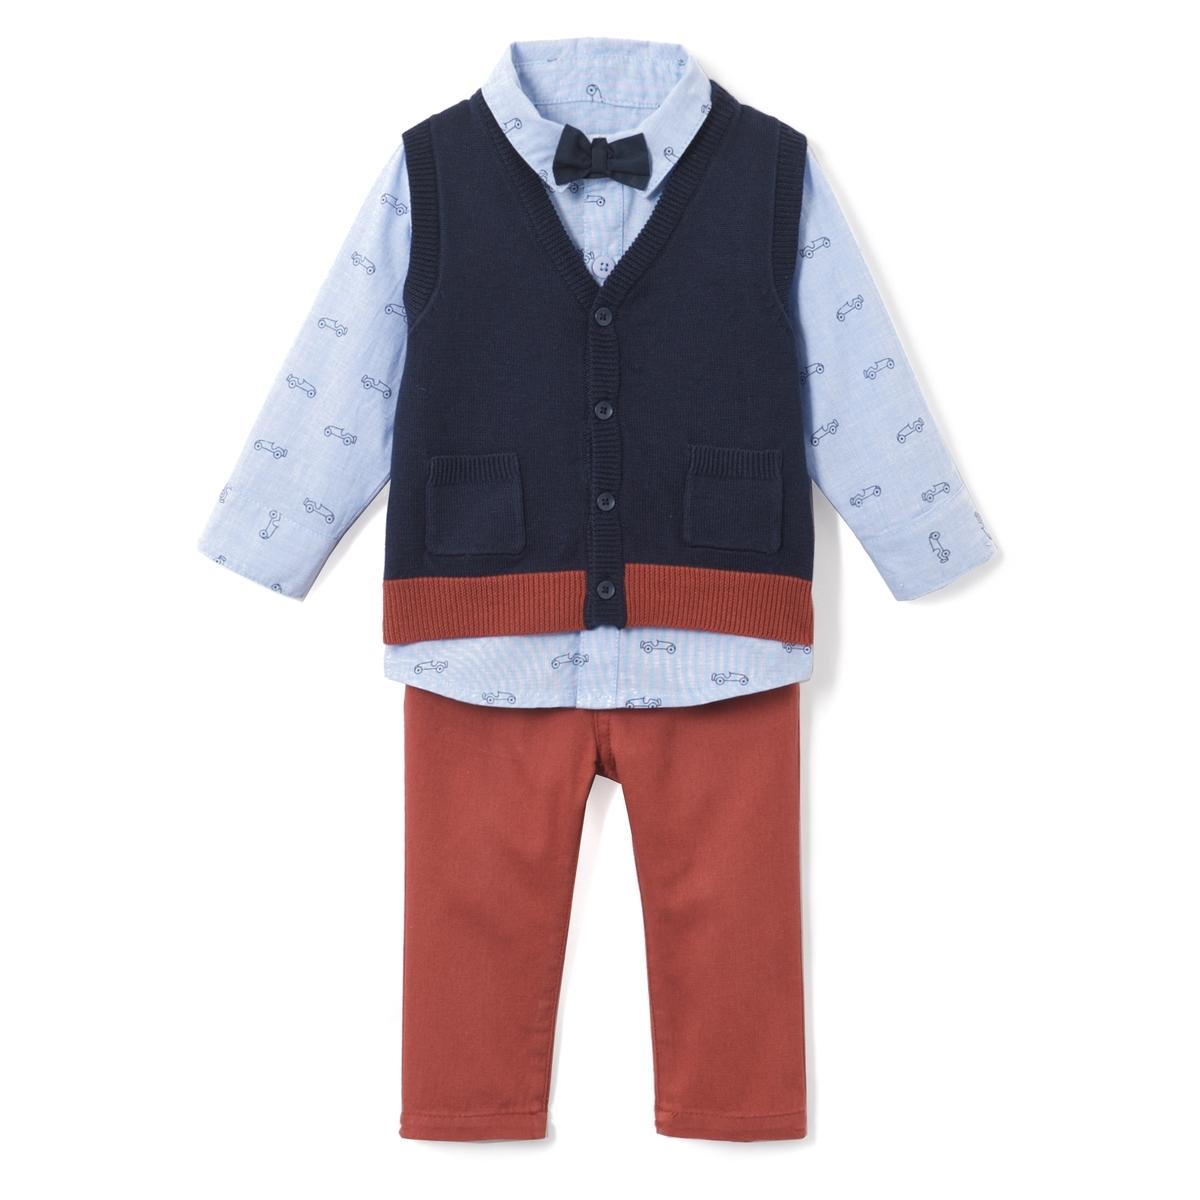 Комплект: Боди-поло, однотонная рубашка